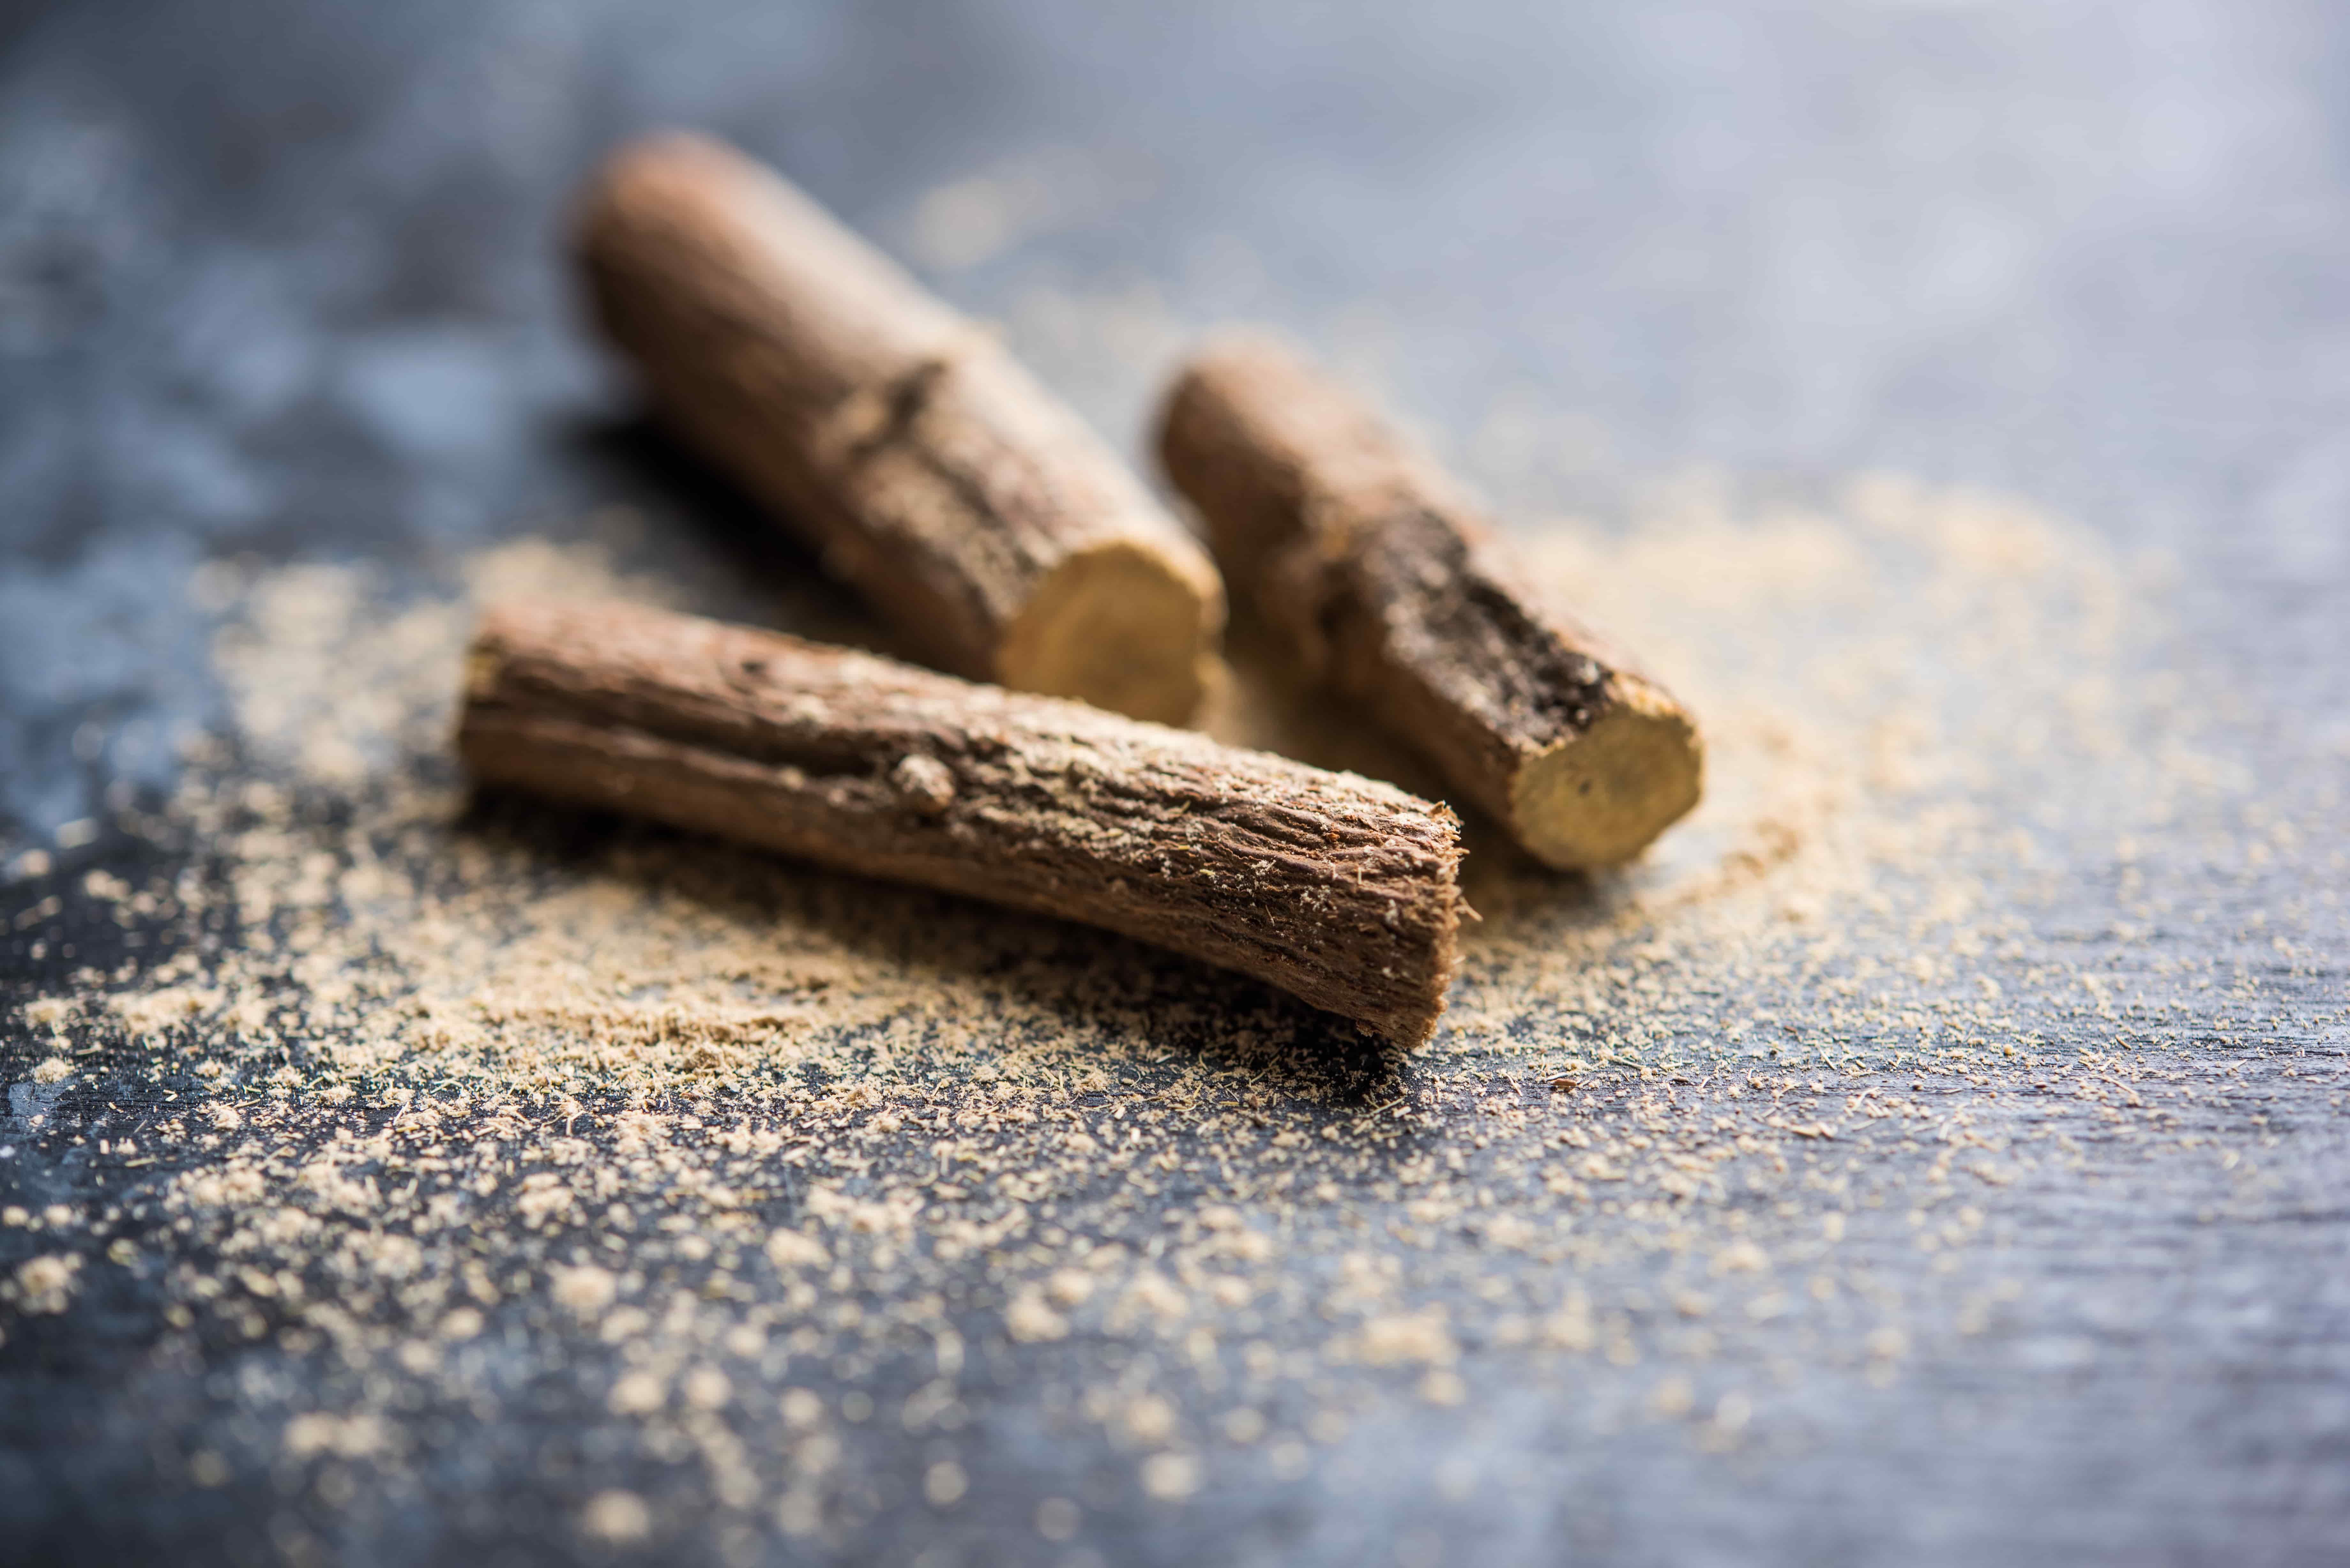 Корень солодки - суперфуд здоровья. Его лечебные свойства, где применяется